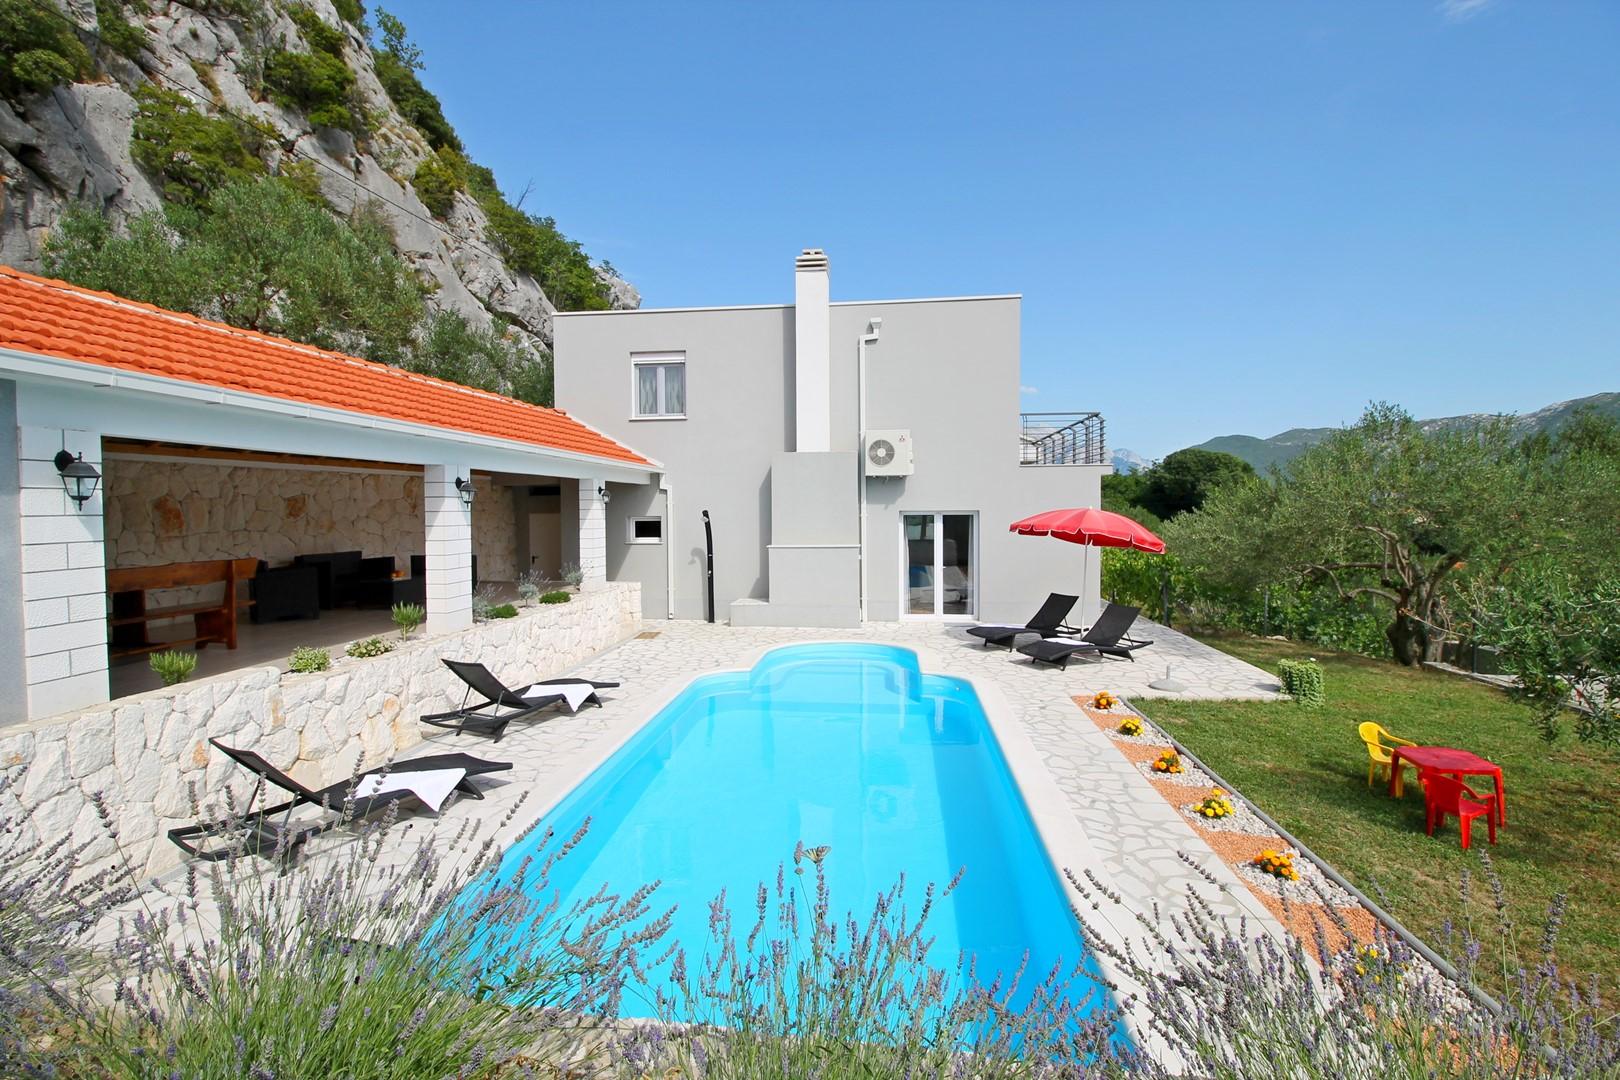 Ferienhaus Privater Pool 3,5 x 8,6 m, überdachter Essbereich im Freien, kostenloses WLAN, voll - klim (2663850), Kostanje, , Dalmatien, Kroatien, Bild 1